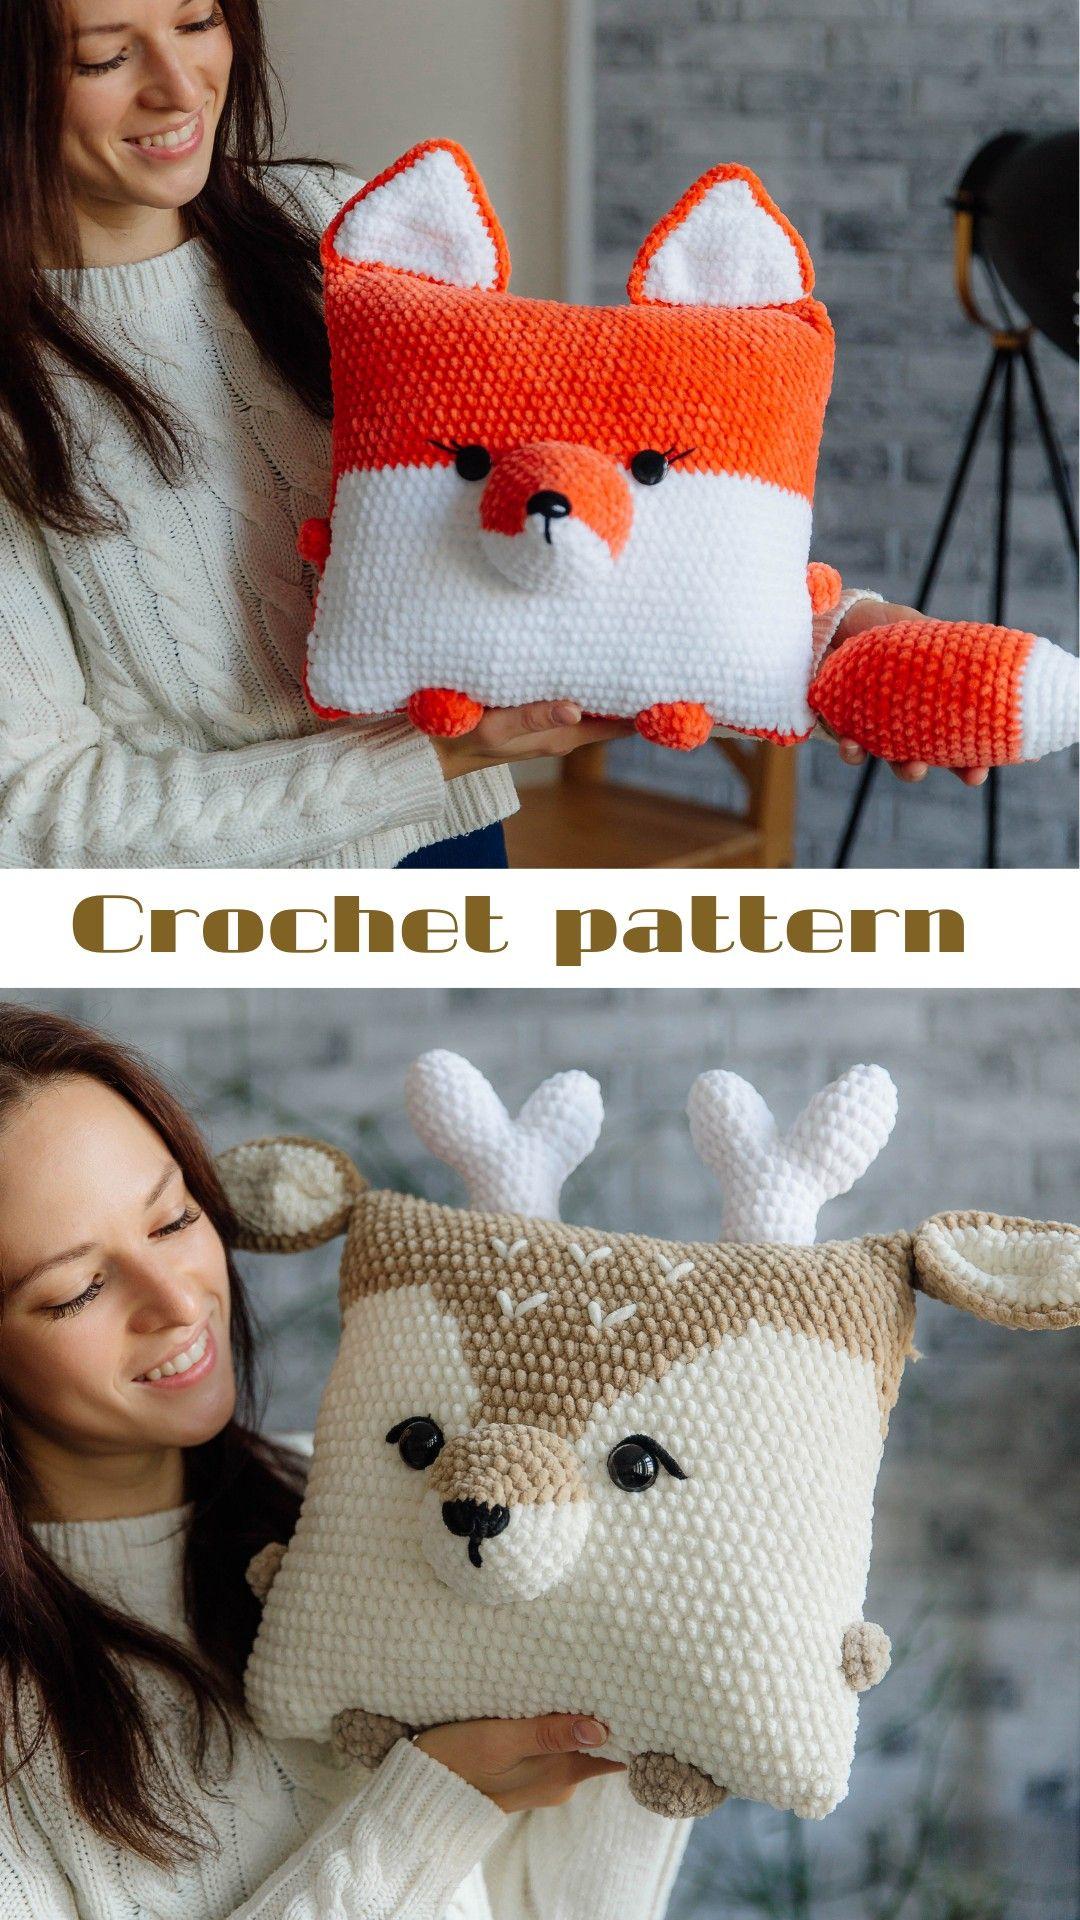 Crochet raindeer pattern, crochet fox pattern, crochet pillow, crochet toy pattern, christmas gift